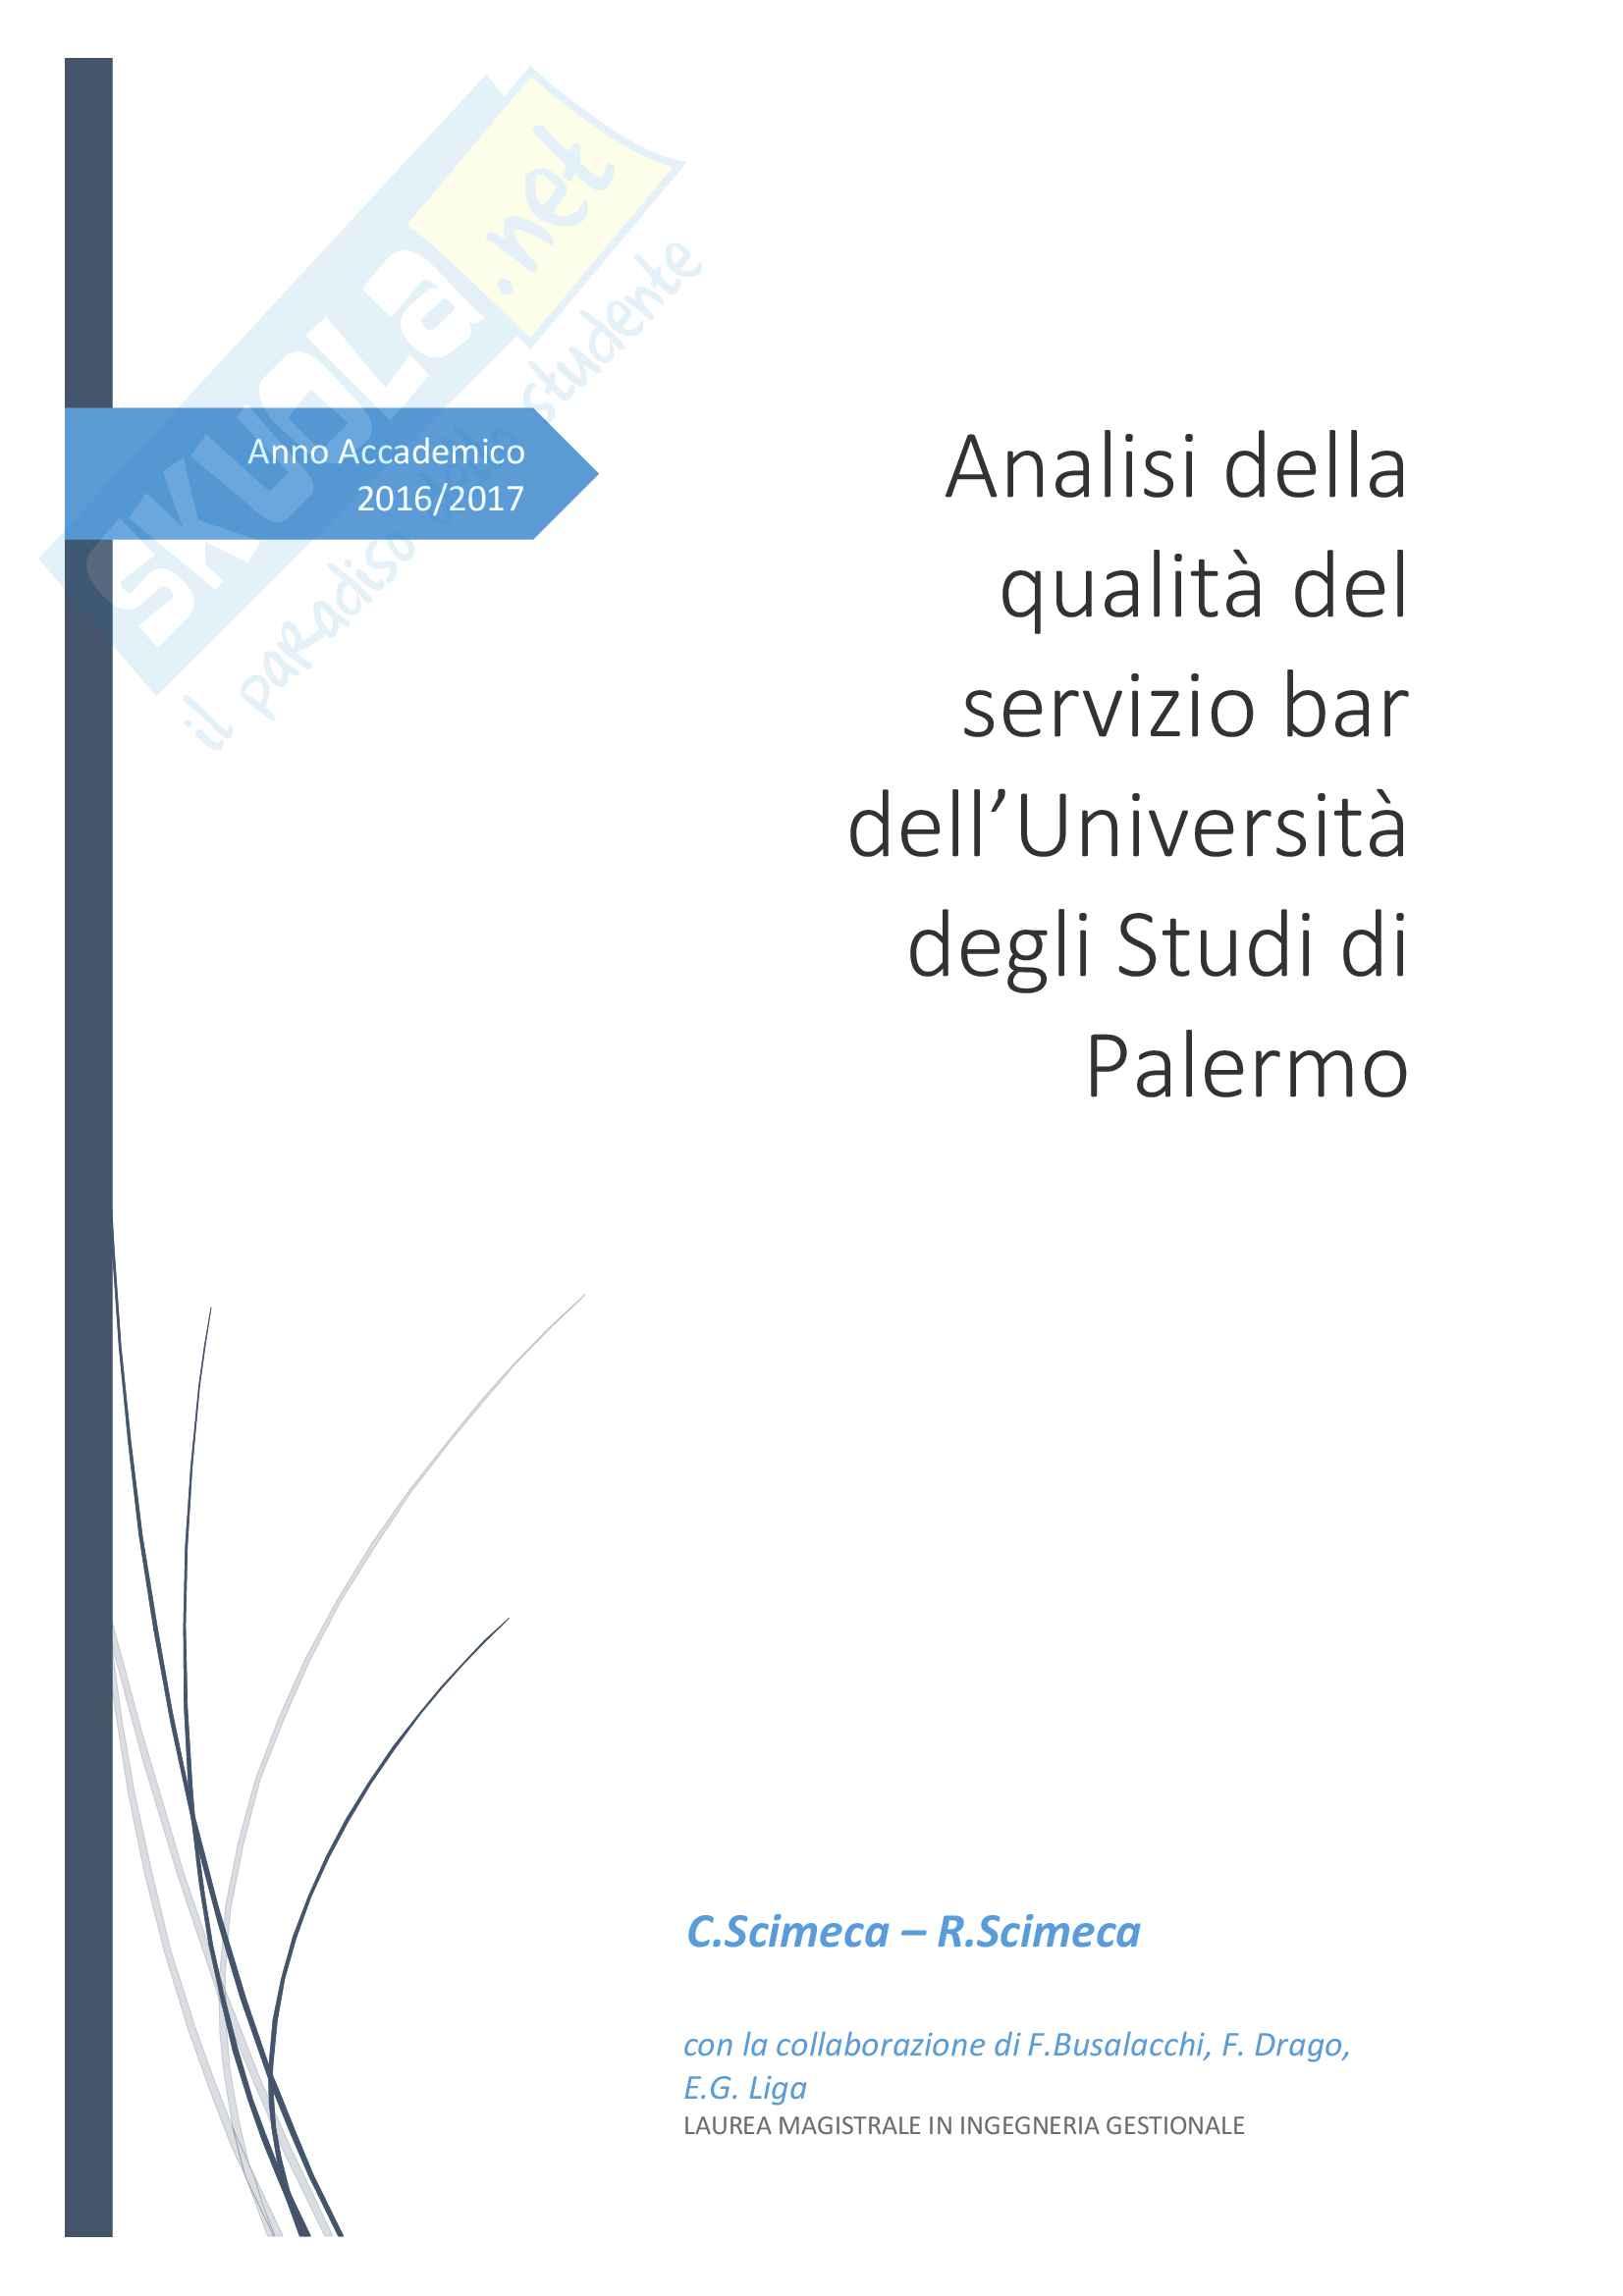 Analisi della qualità del servizio bar dell'Università degli Studi di Palermo